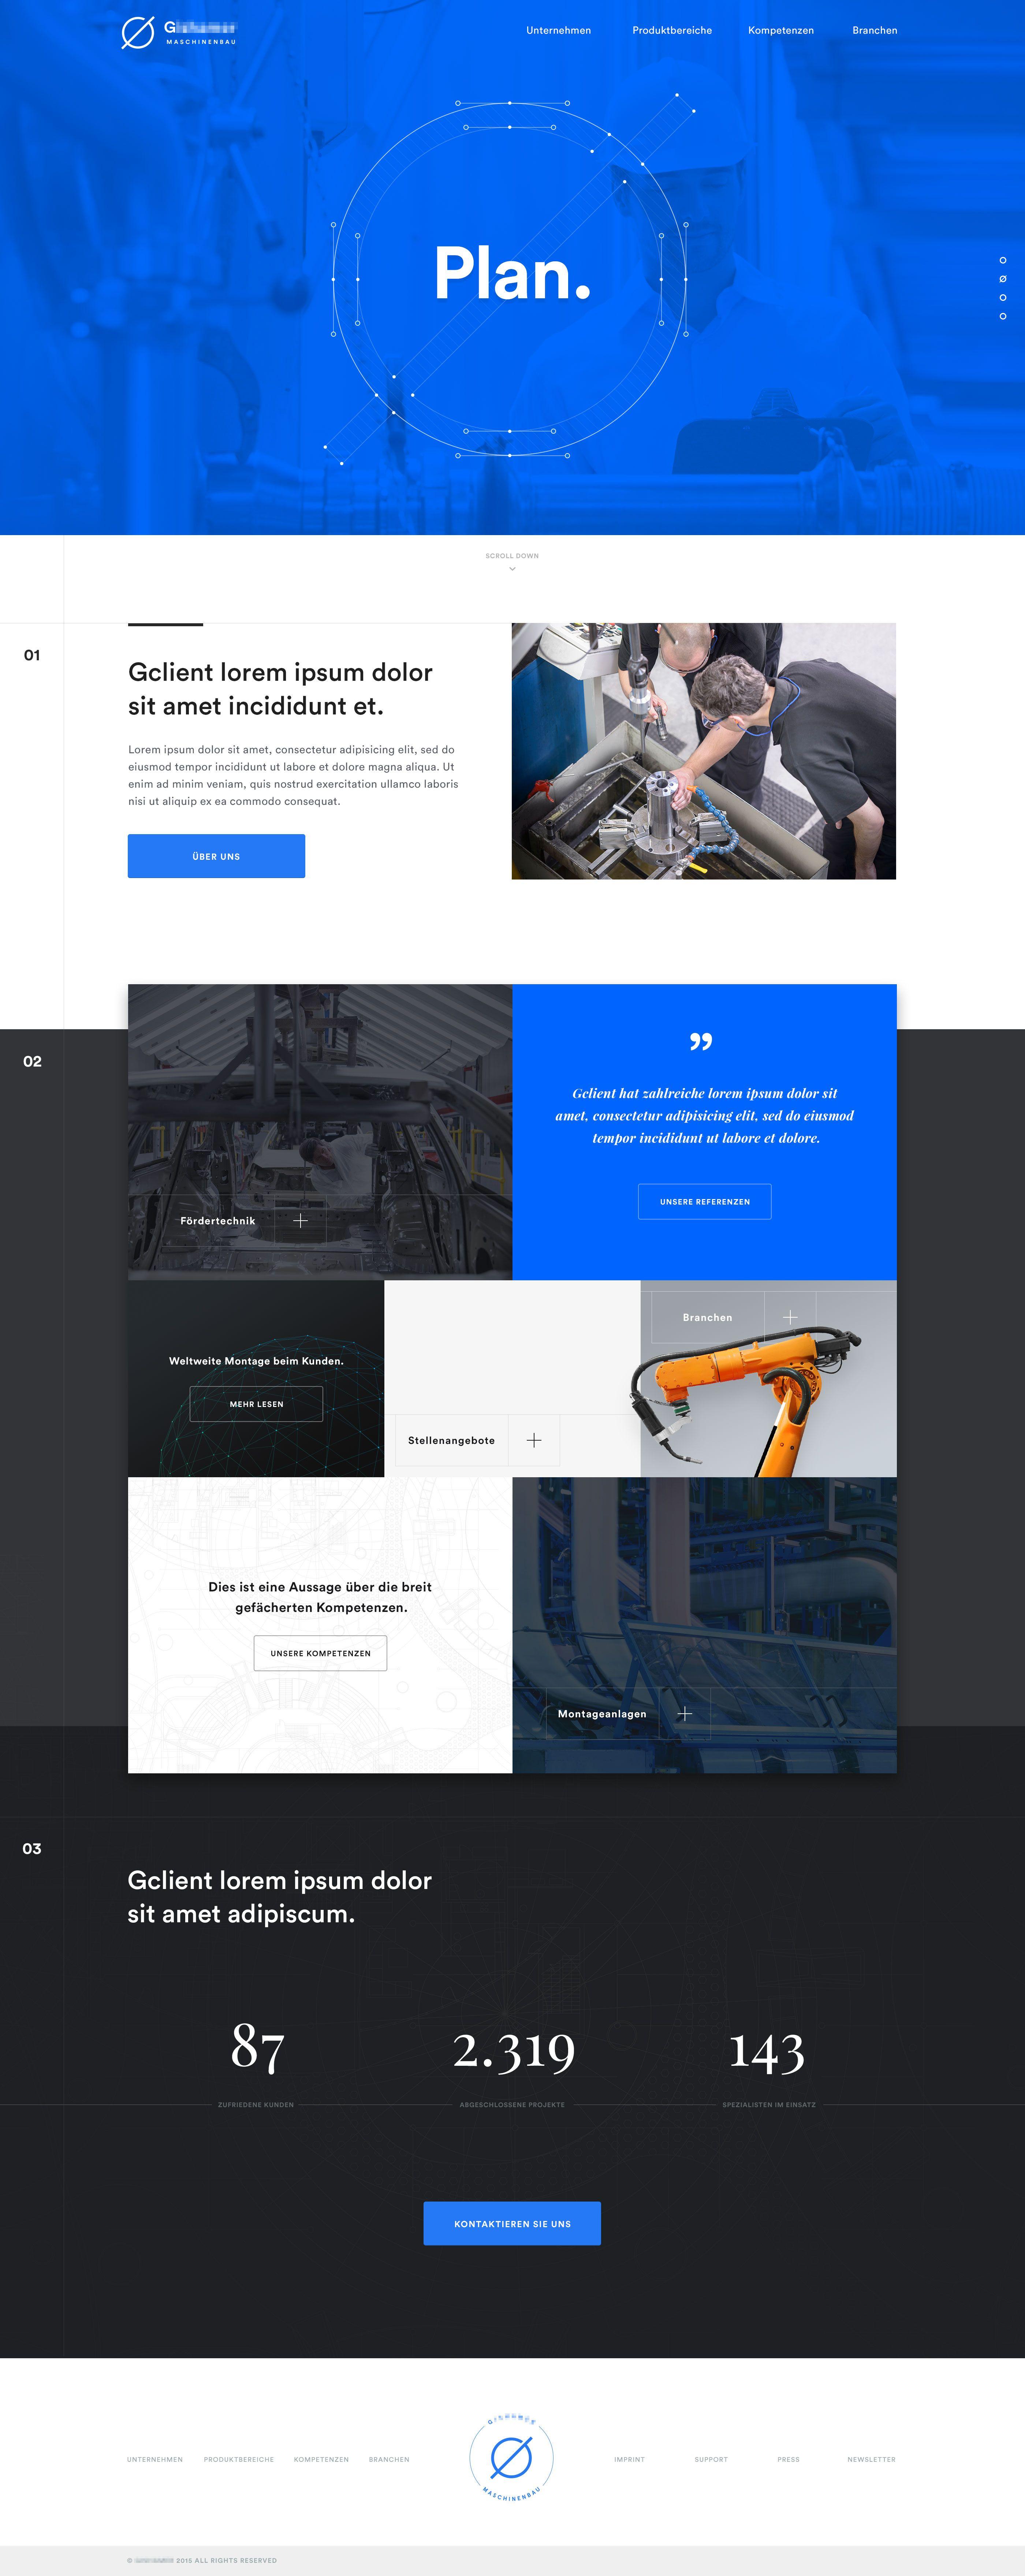 Engineering Jpg By Manuel Haring Engineering Websites Web Design Web Design 2015